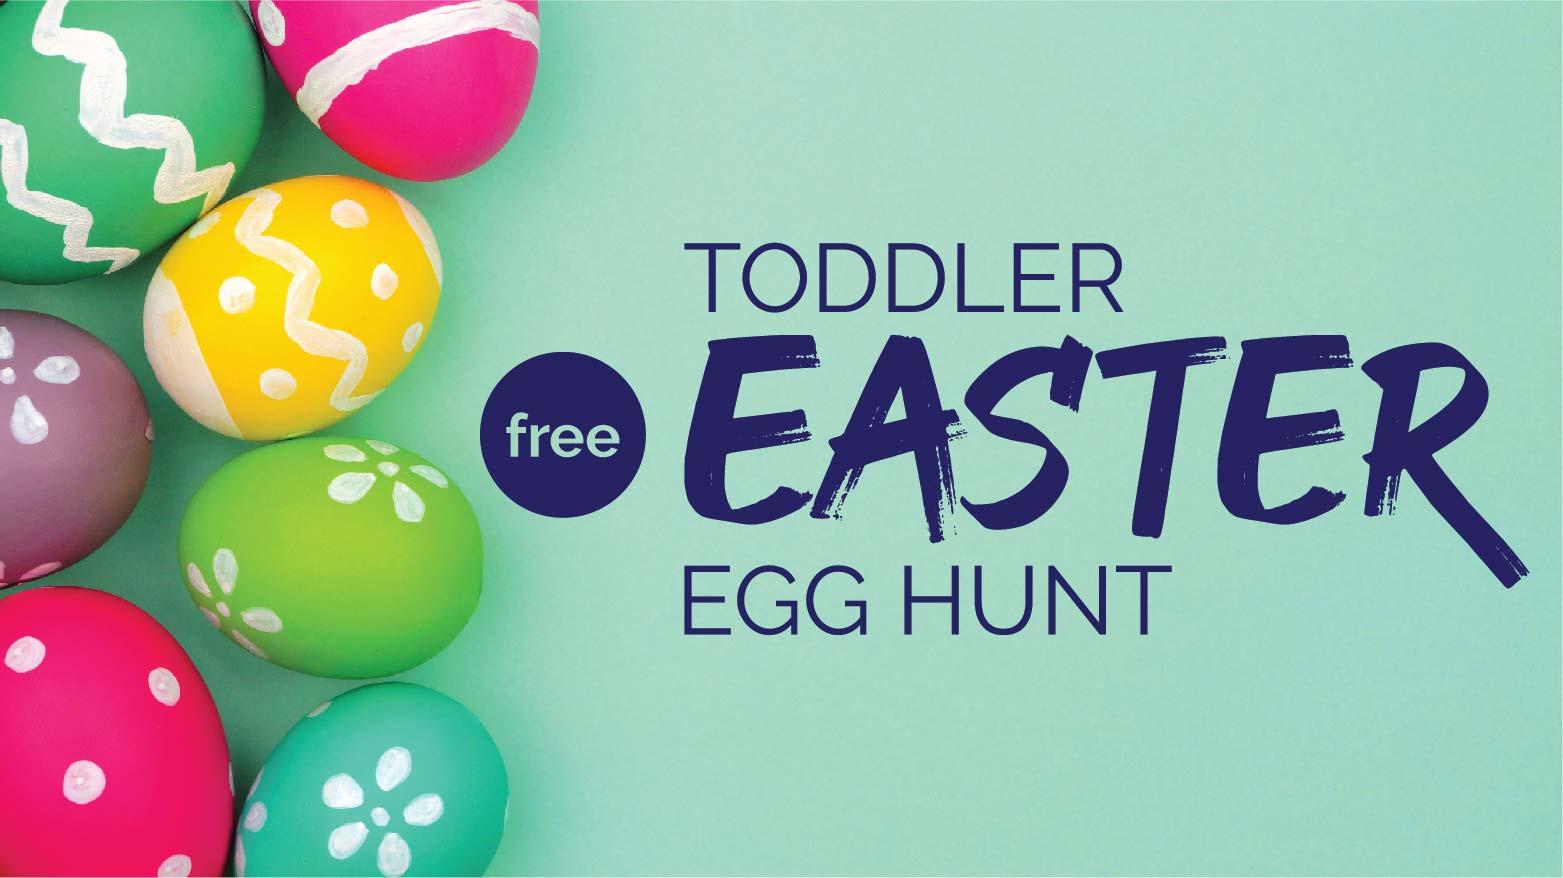 Toddler Easter Egg Hunt- CANCELLED